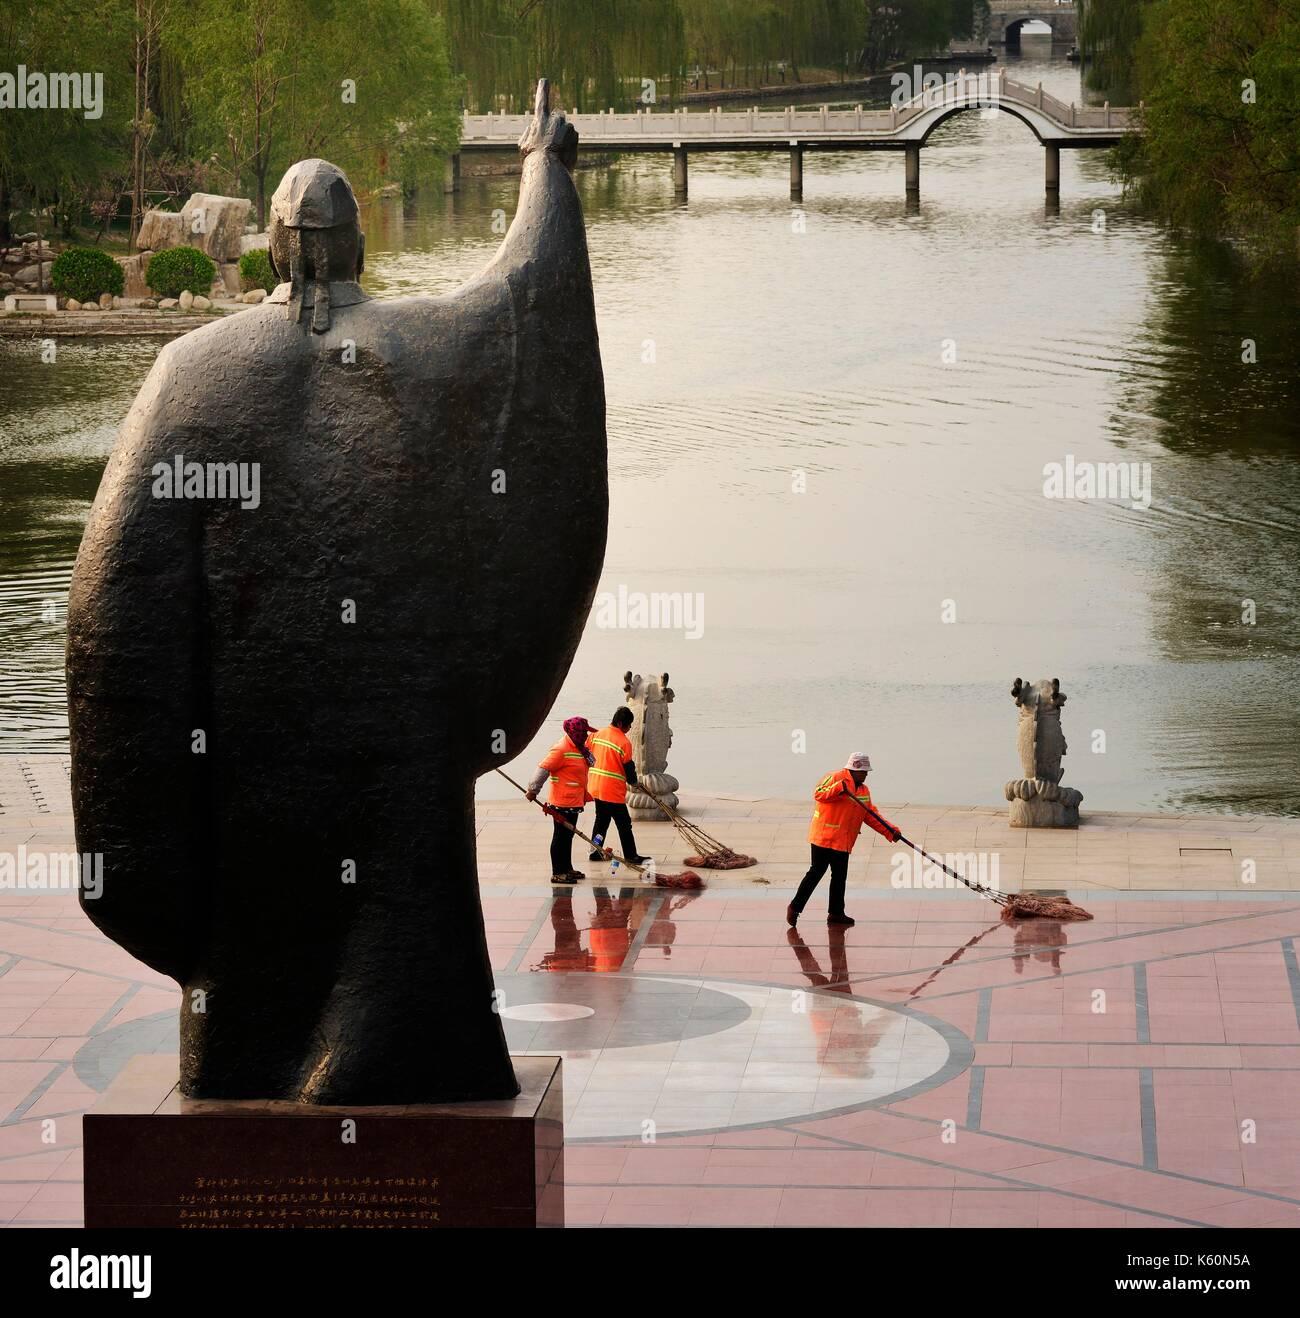 Dongzi Culture Park, City of Dezhou, China. Cleaning the yin yang symbol. Statue of Confucian philosopher Dong Zhongshu - Stock Image